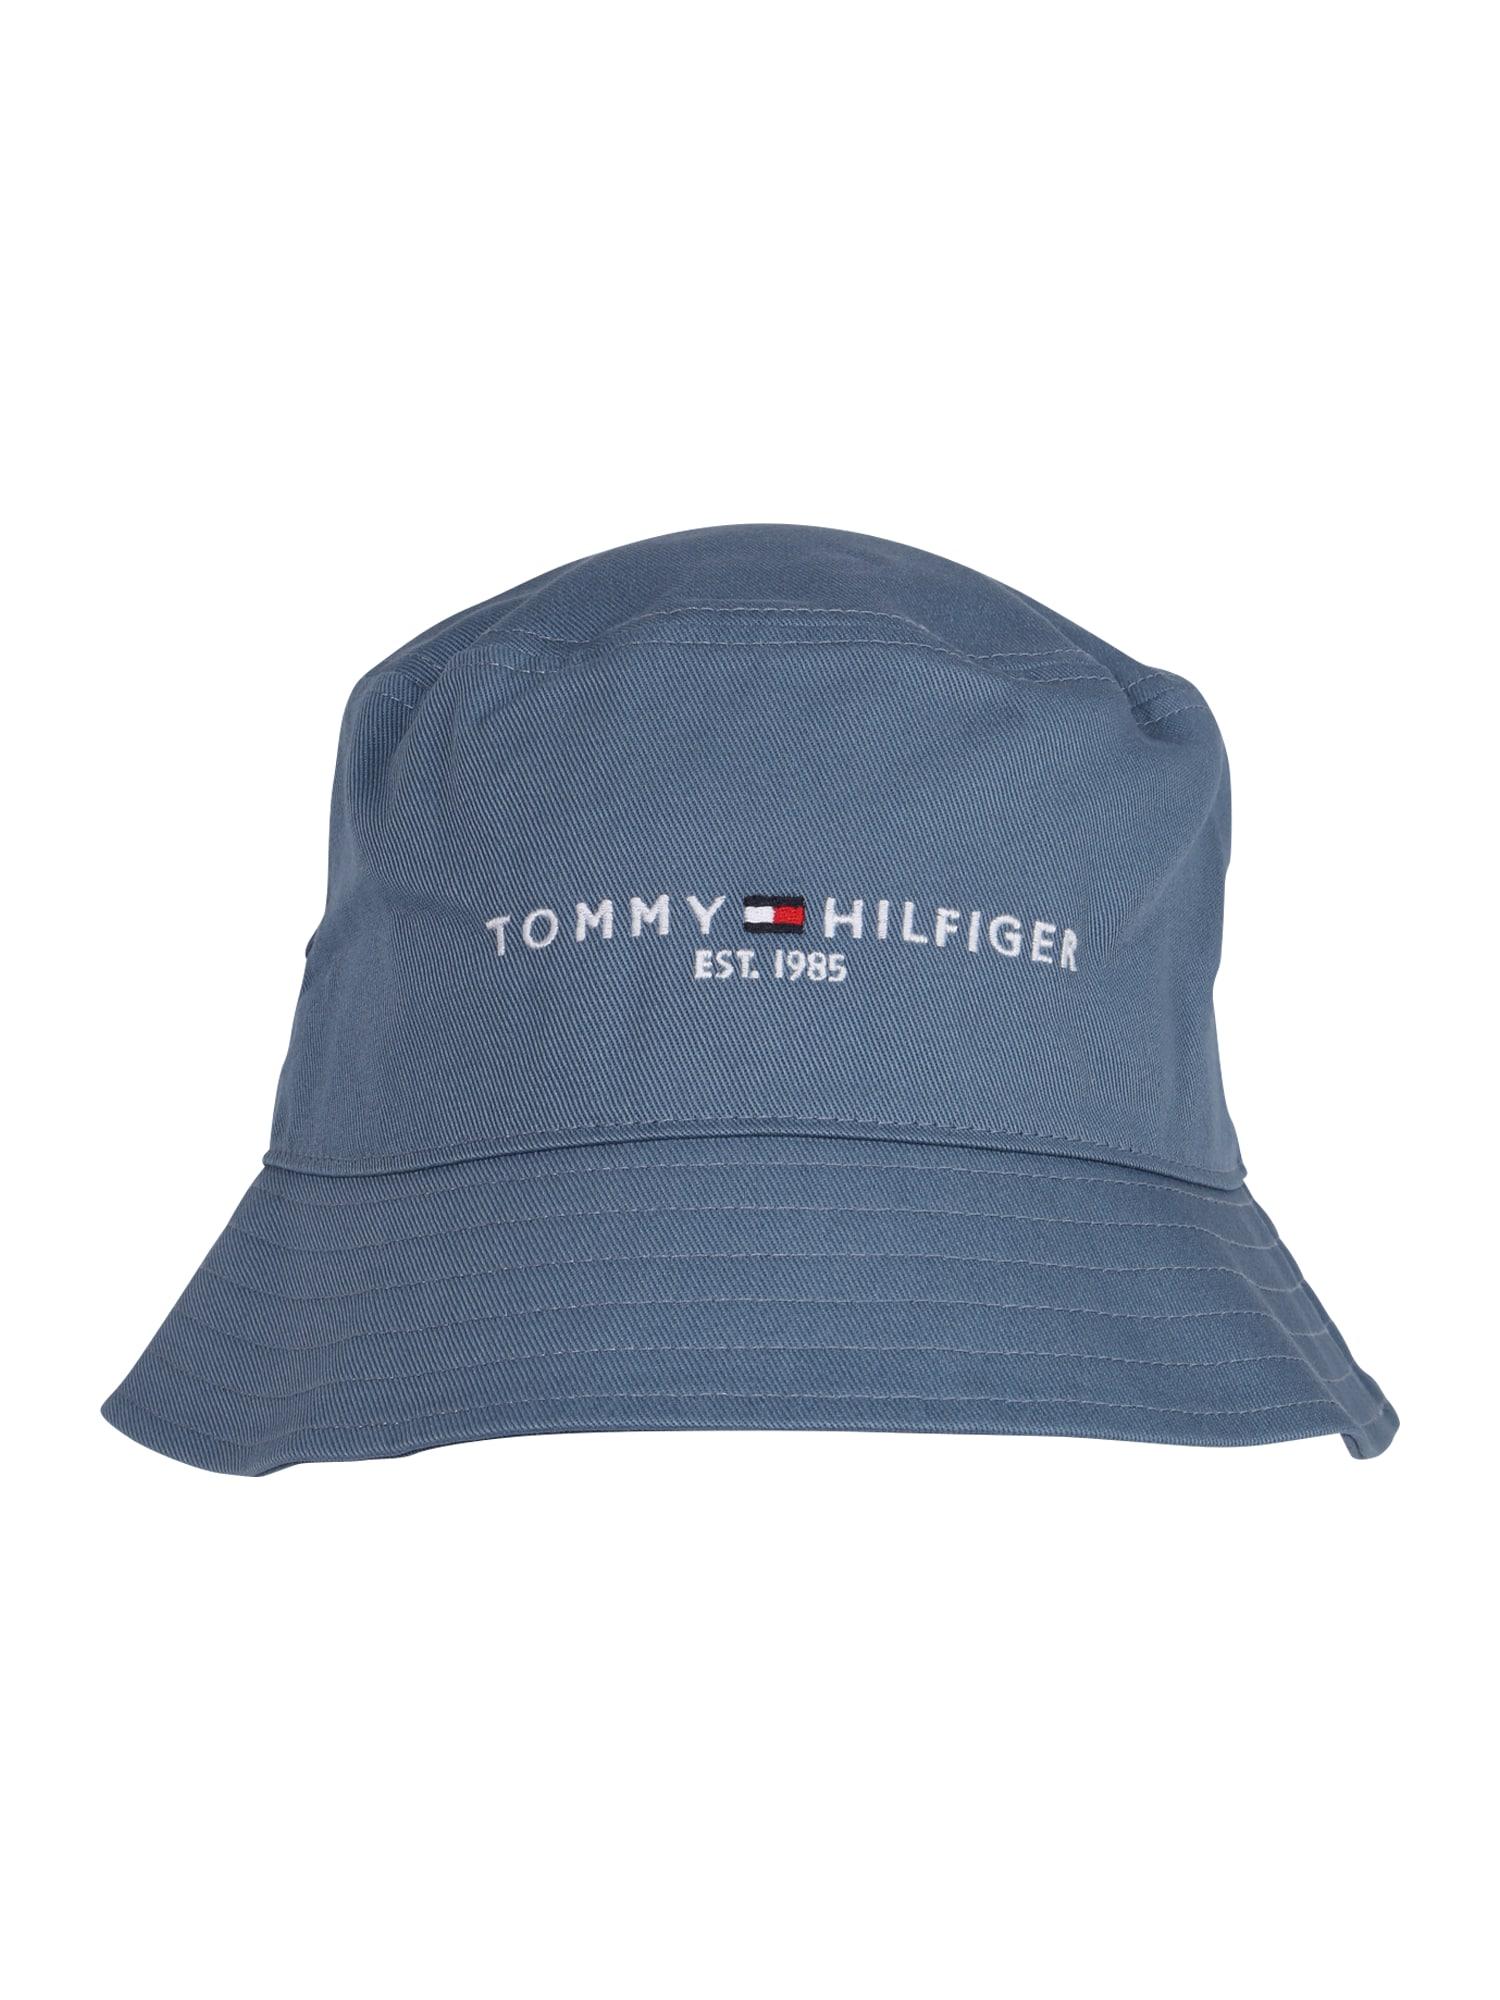 TOMMY HILFIGER Skrybėlaitė mėlyna dūmų spalva / balta / tamsiai mėlyna / šviesiai raudona